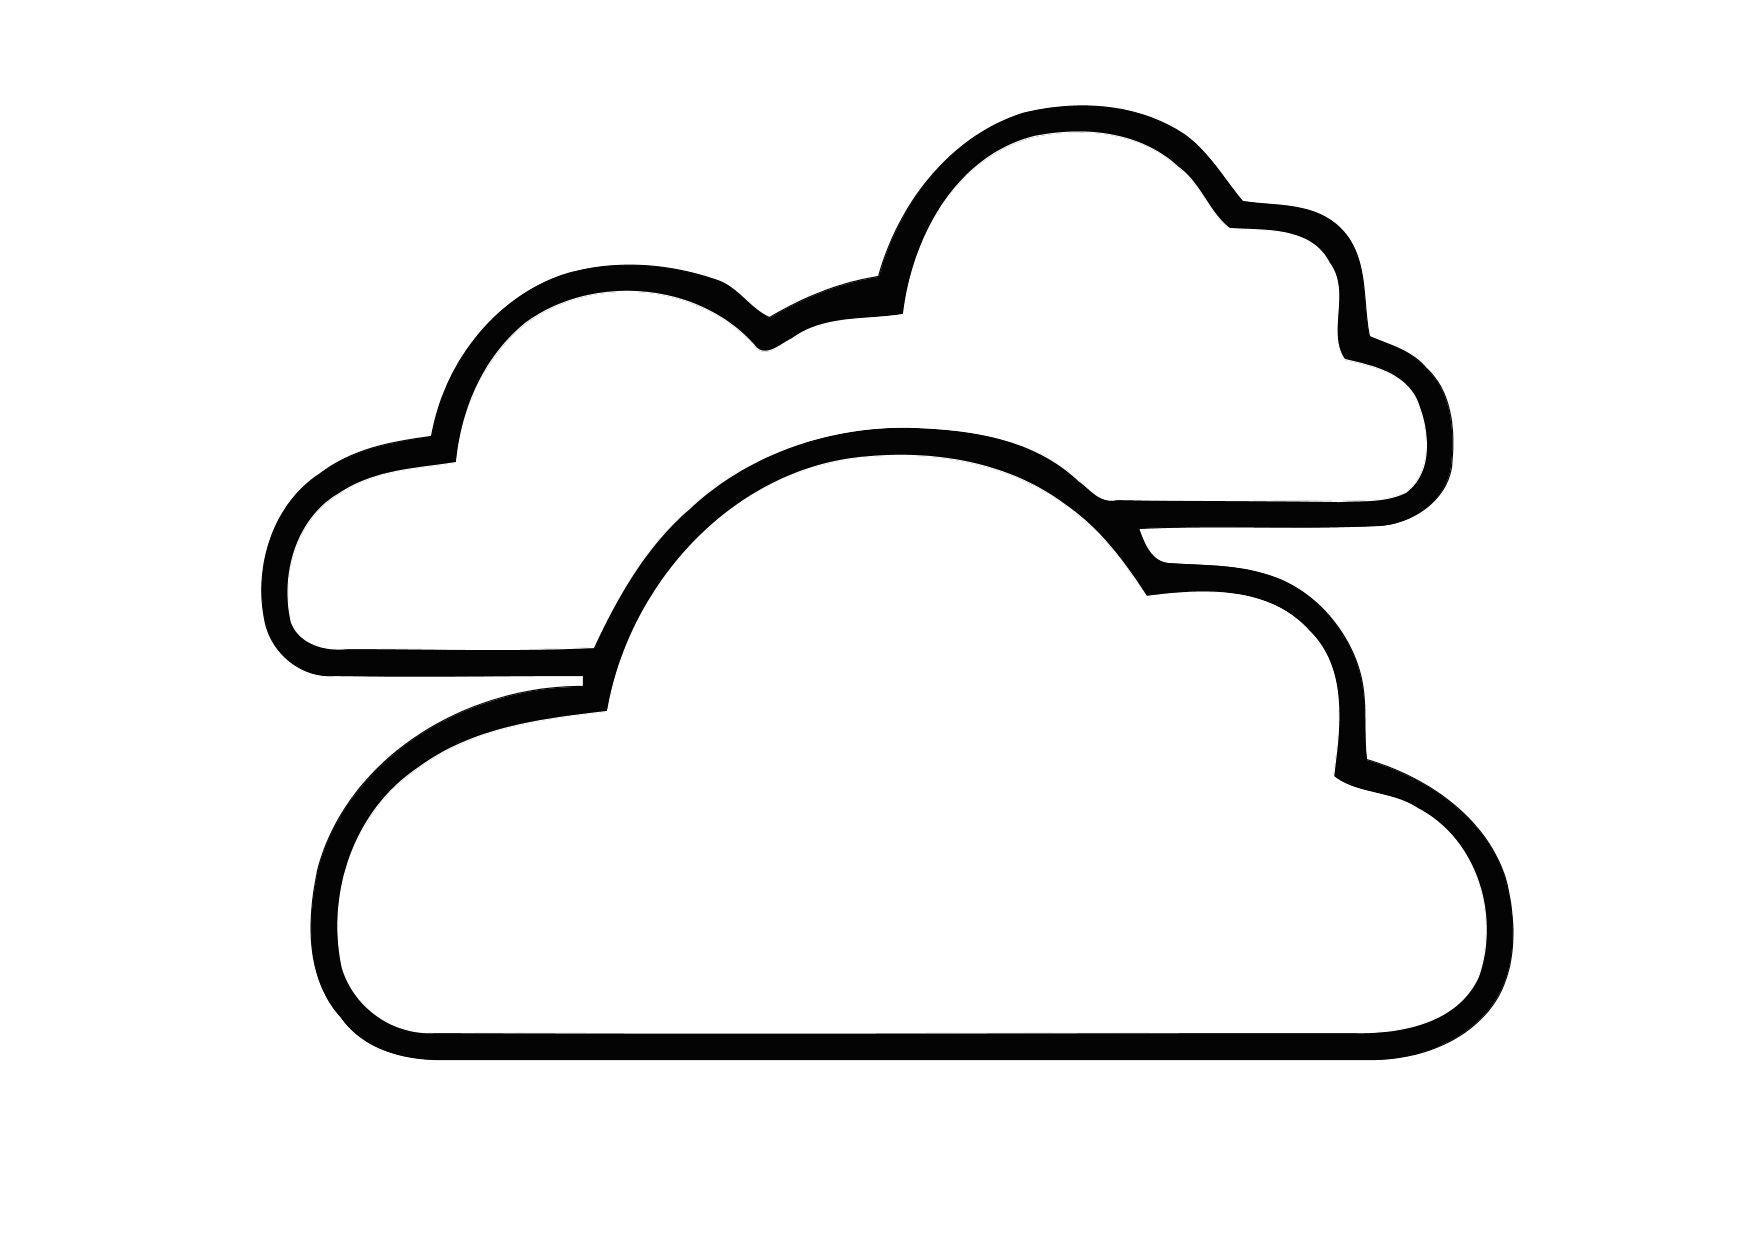 Groß Sonne Und Wolken Malvorlagen Galerie - Beispiel Anschreiben für ...